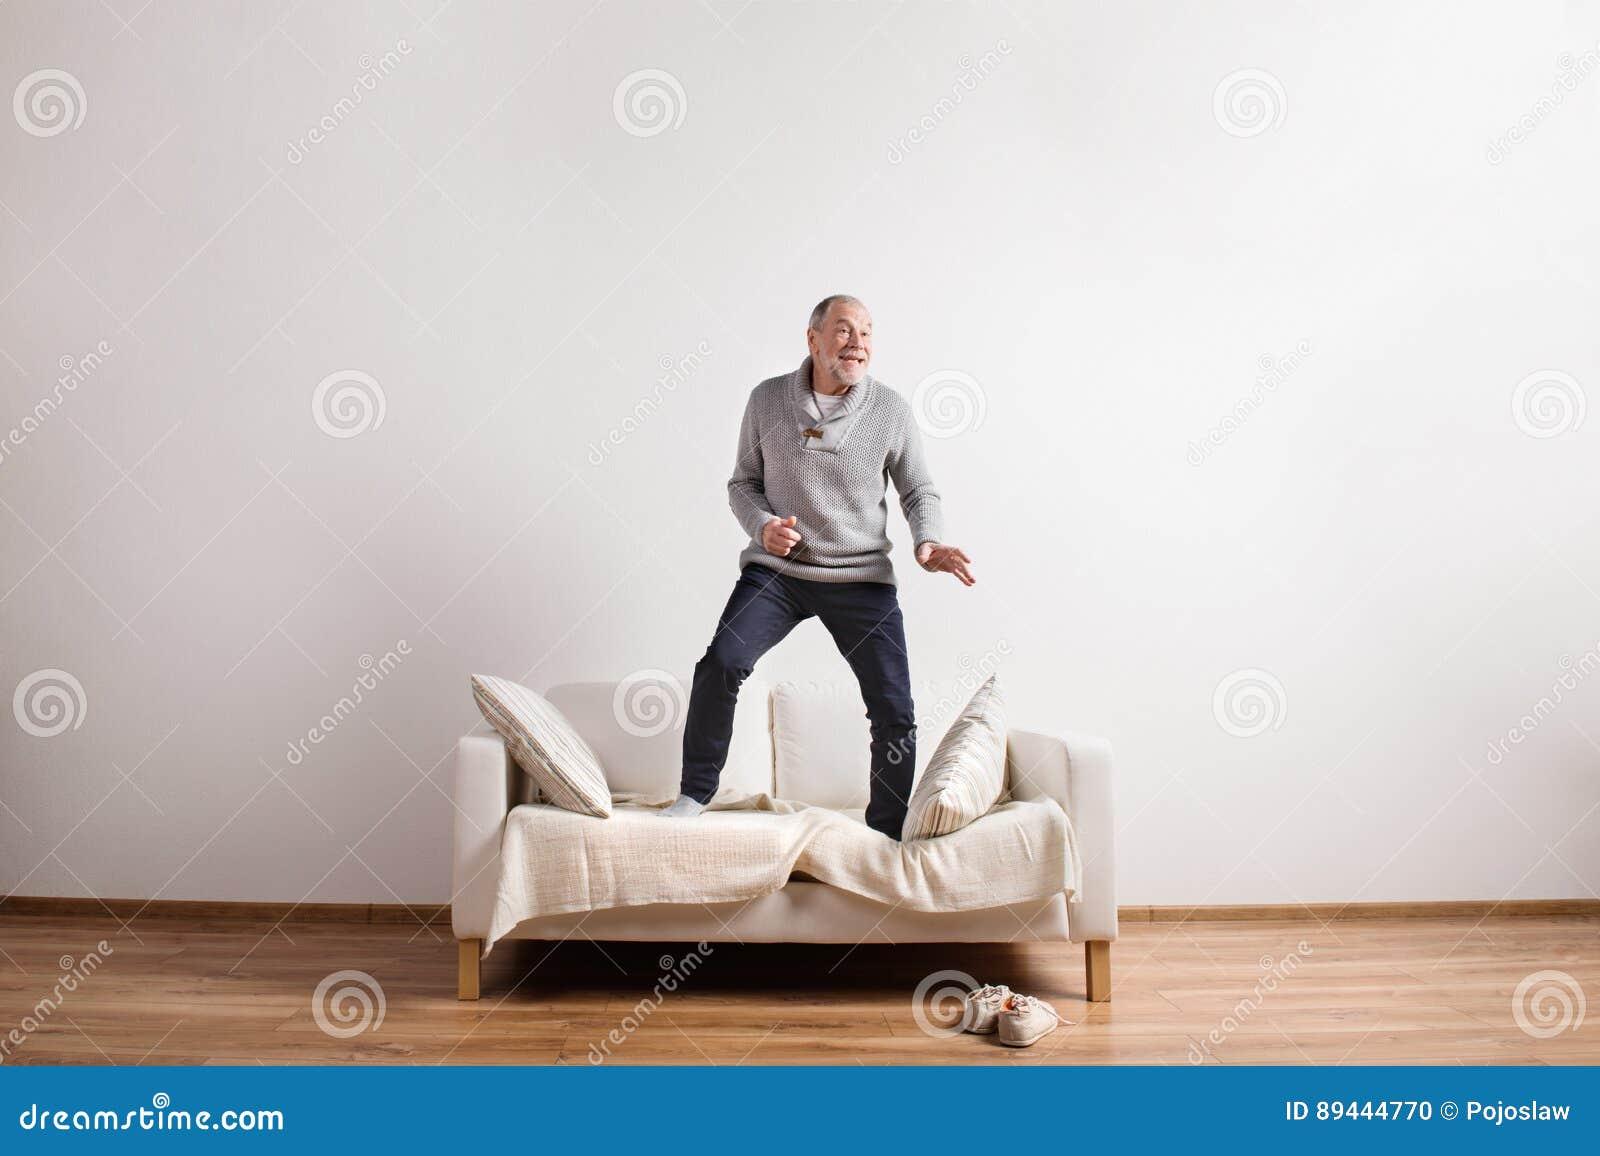 Όμορφο ανώτερο άτομο που στέκεται στον καναπέ, χορός όμορφες νεολαίες γυναικών στούντιο ζευγών χορεύοντας καλυμμένες